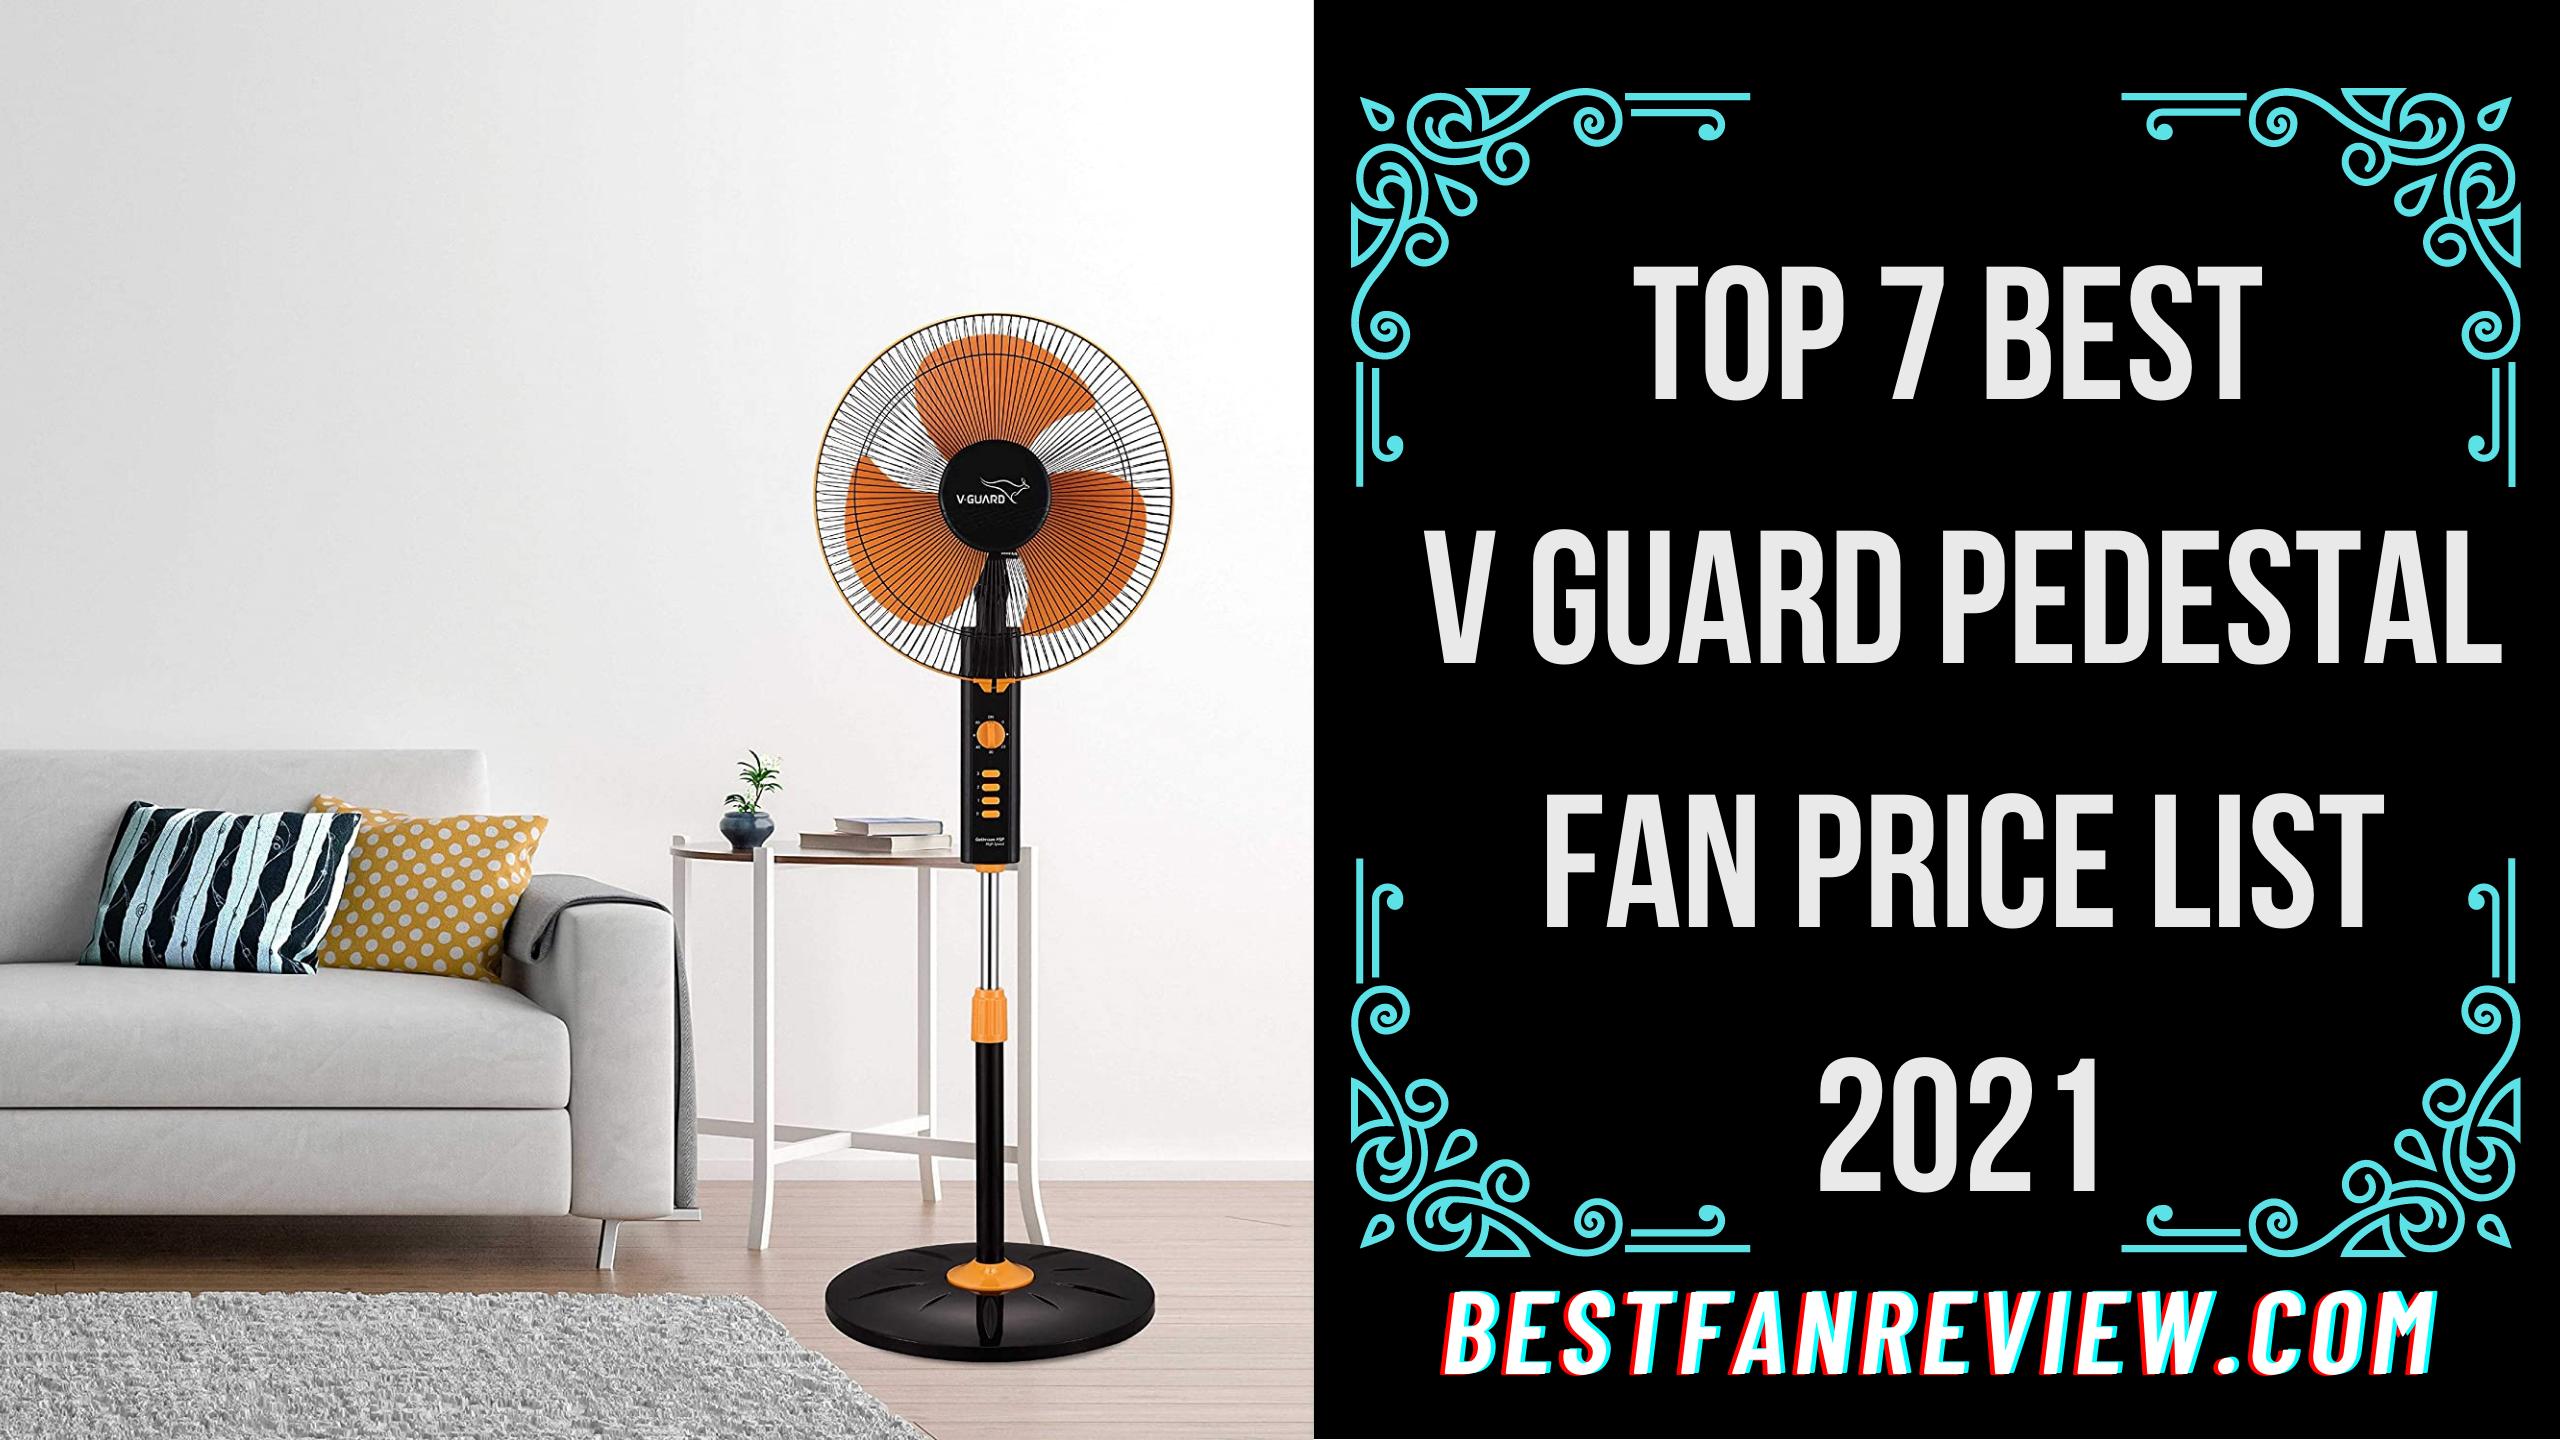 Top 7 Best V Guard Pedestal Fan Price List 2021